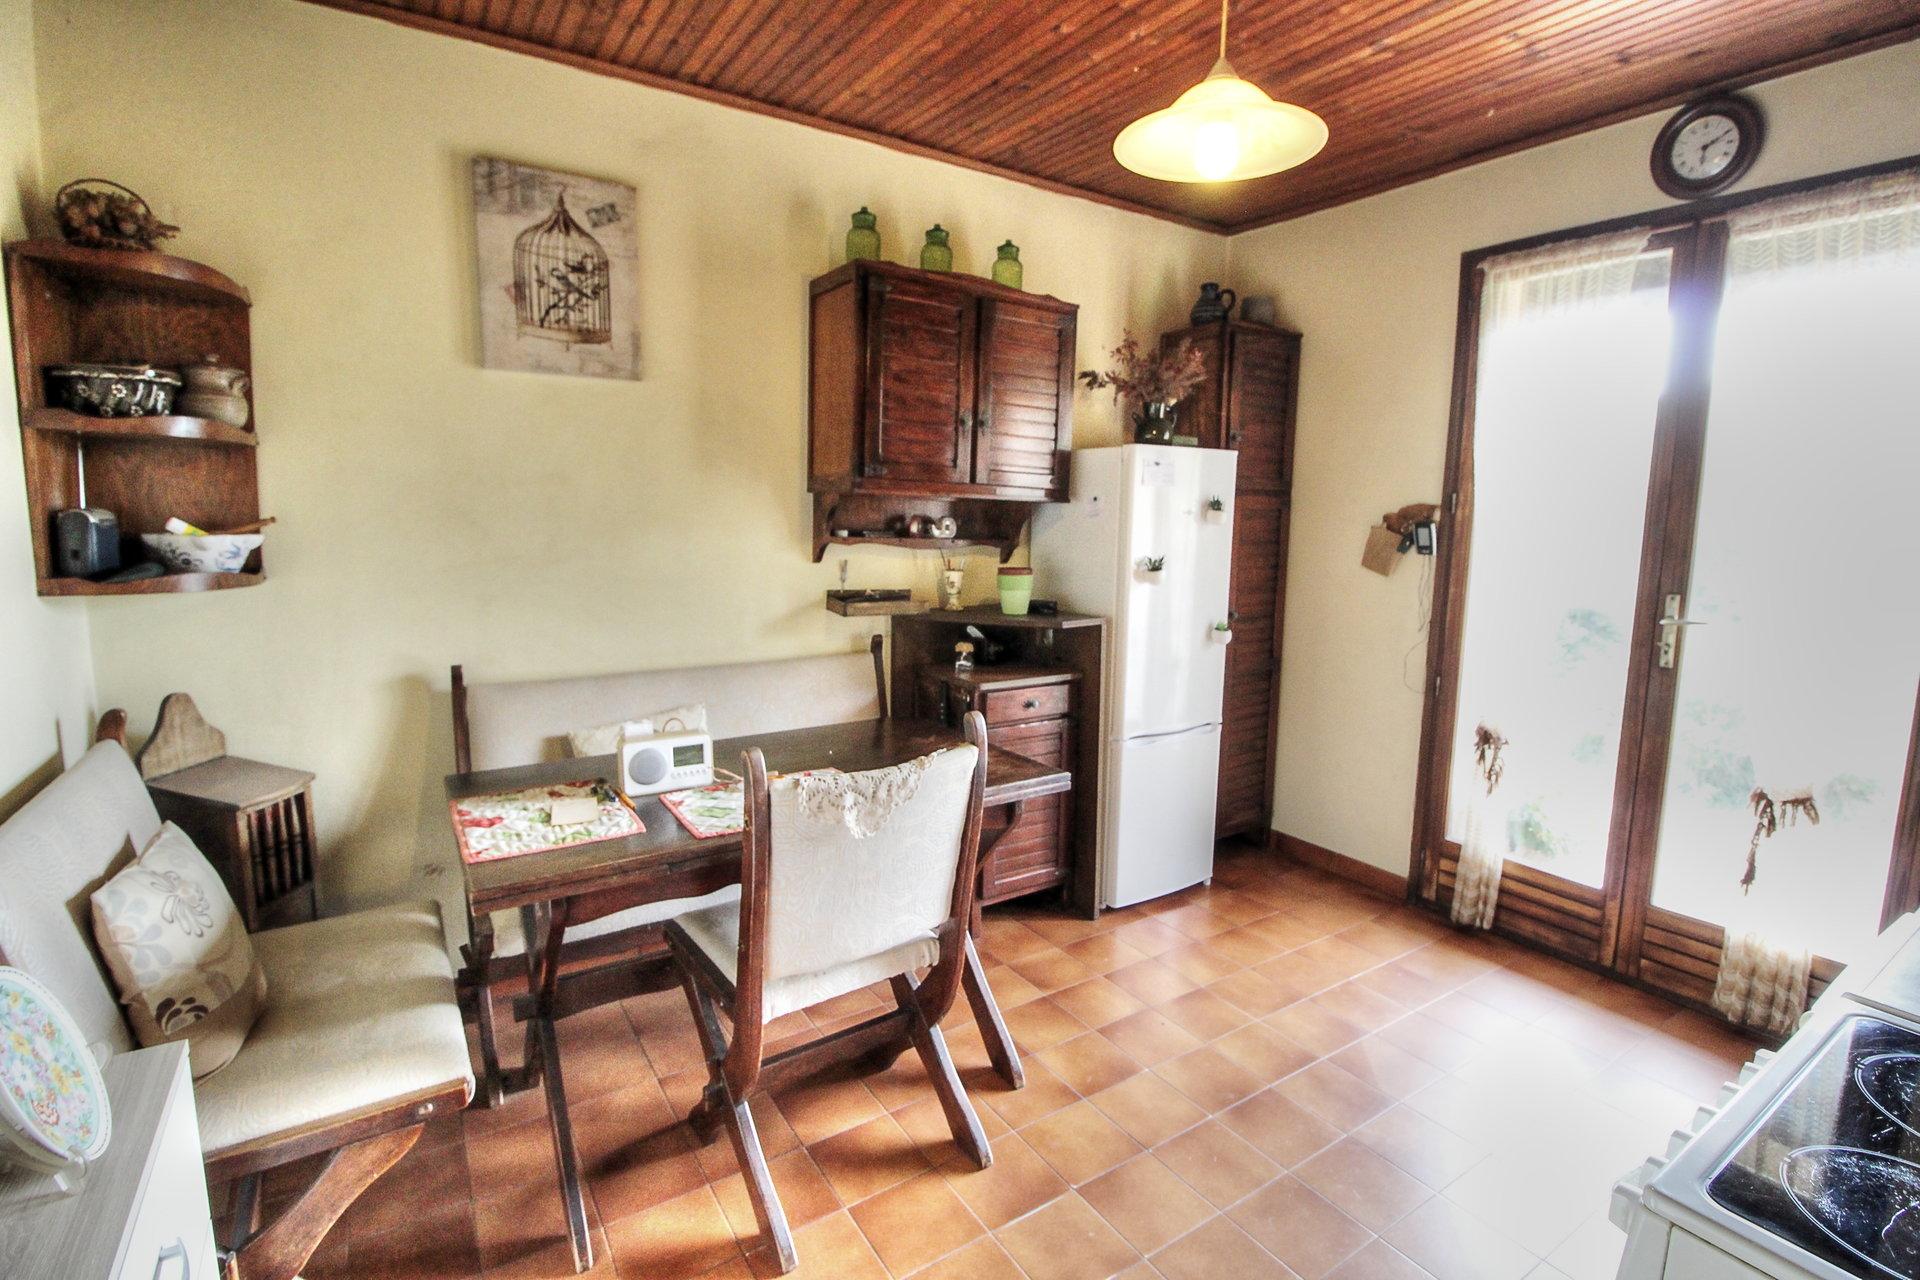 Vente Maison individuelle 3 Chambres